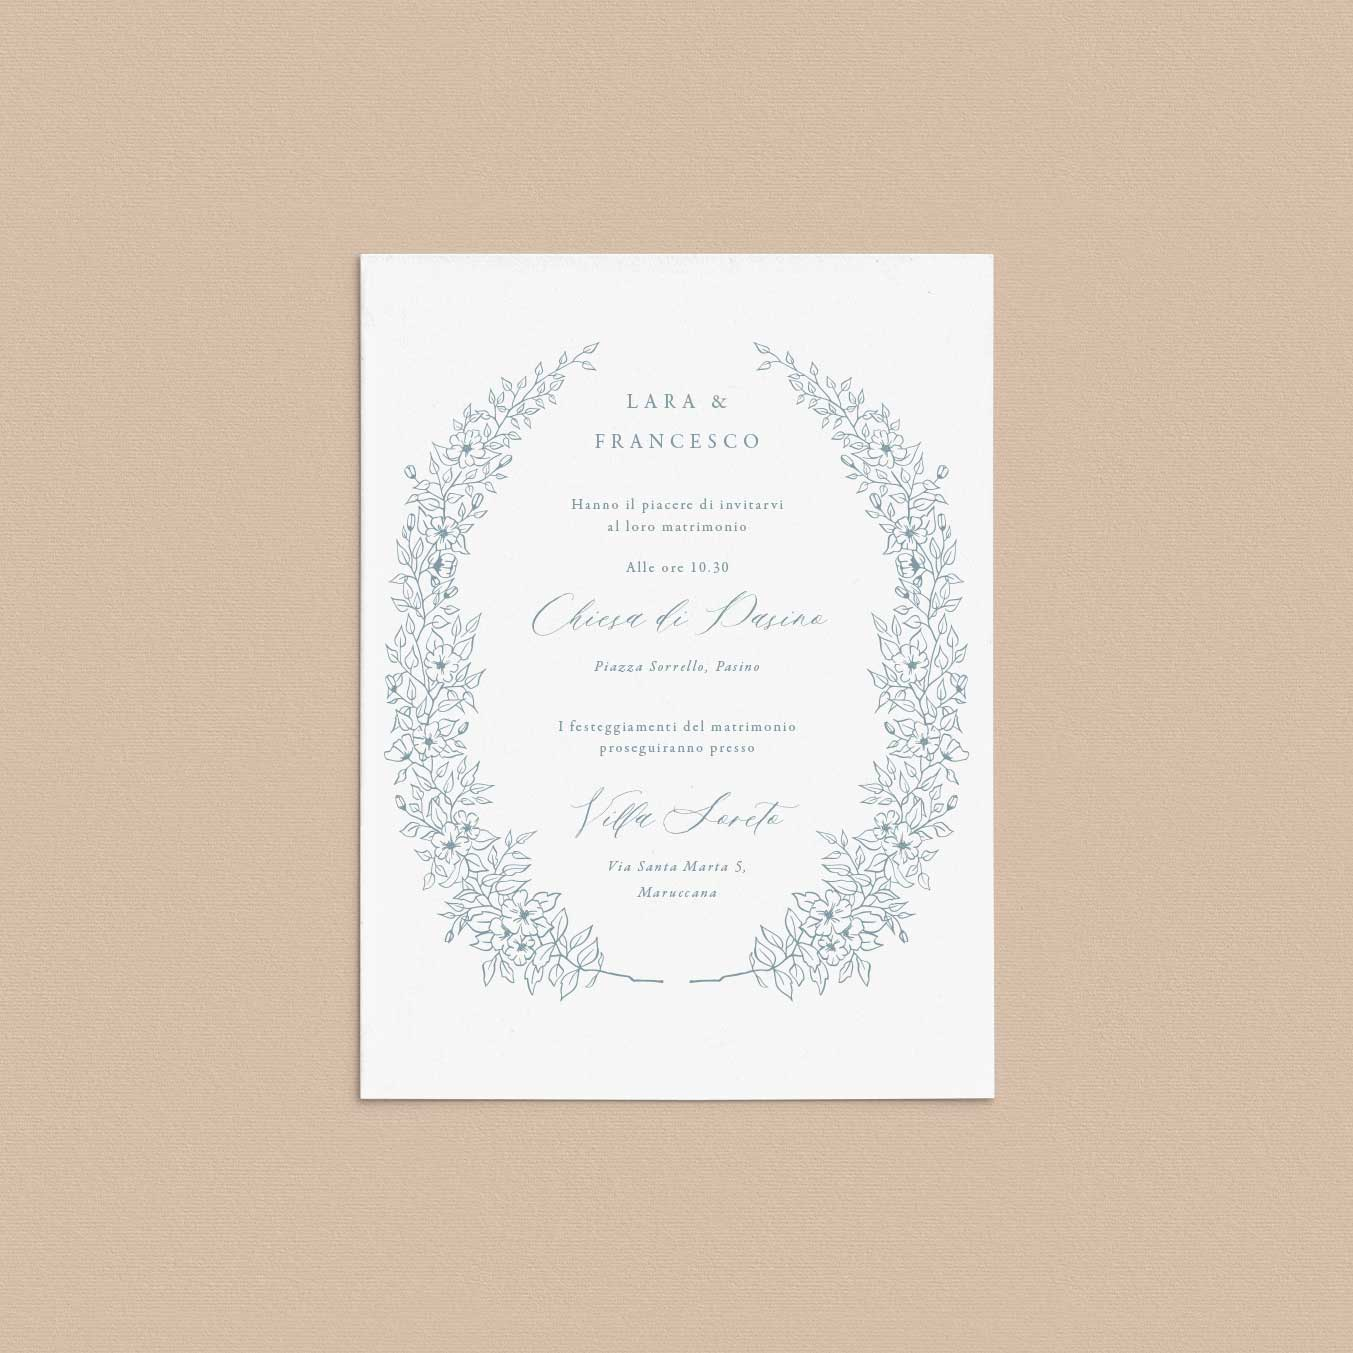 Partecipazioni-matrimonio-inviti-nozze-fiori-fiore-flower-ghirlanda-ghirlande-fiore-tema-natura-natura-chic-green-rustico-rustic-fiorellini-disegno-illustrazione-online